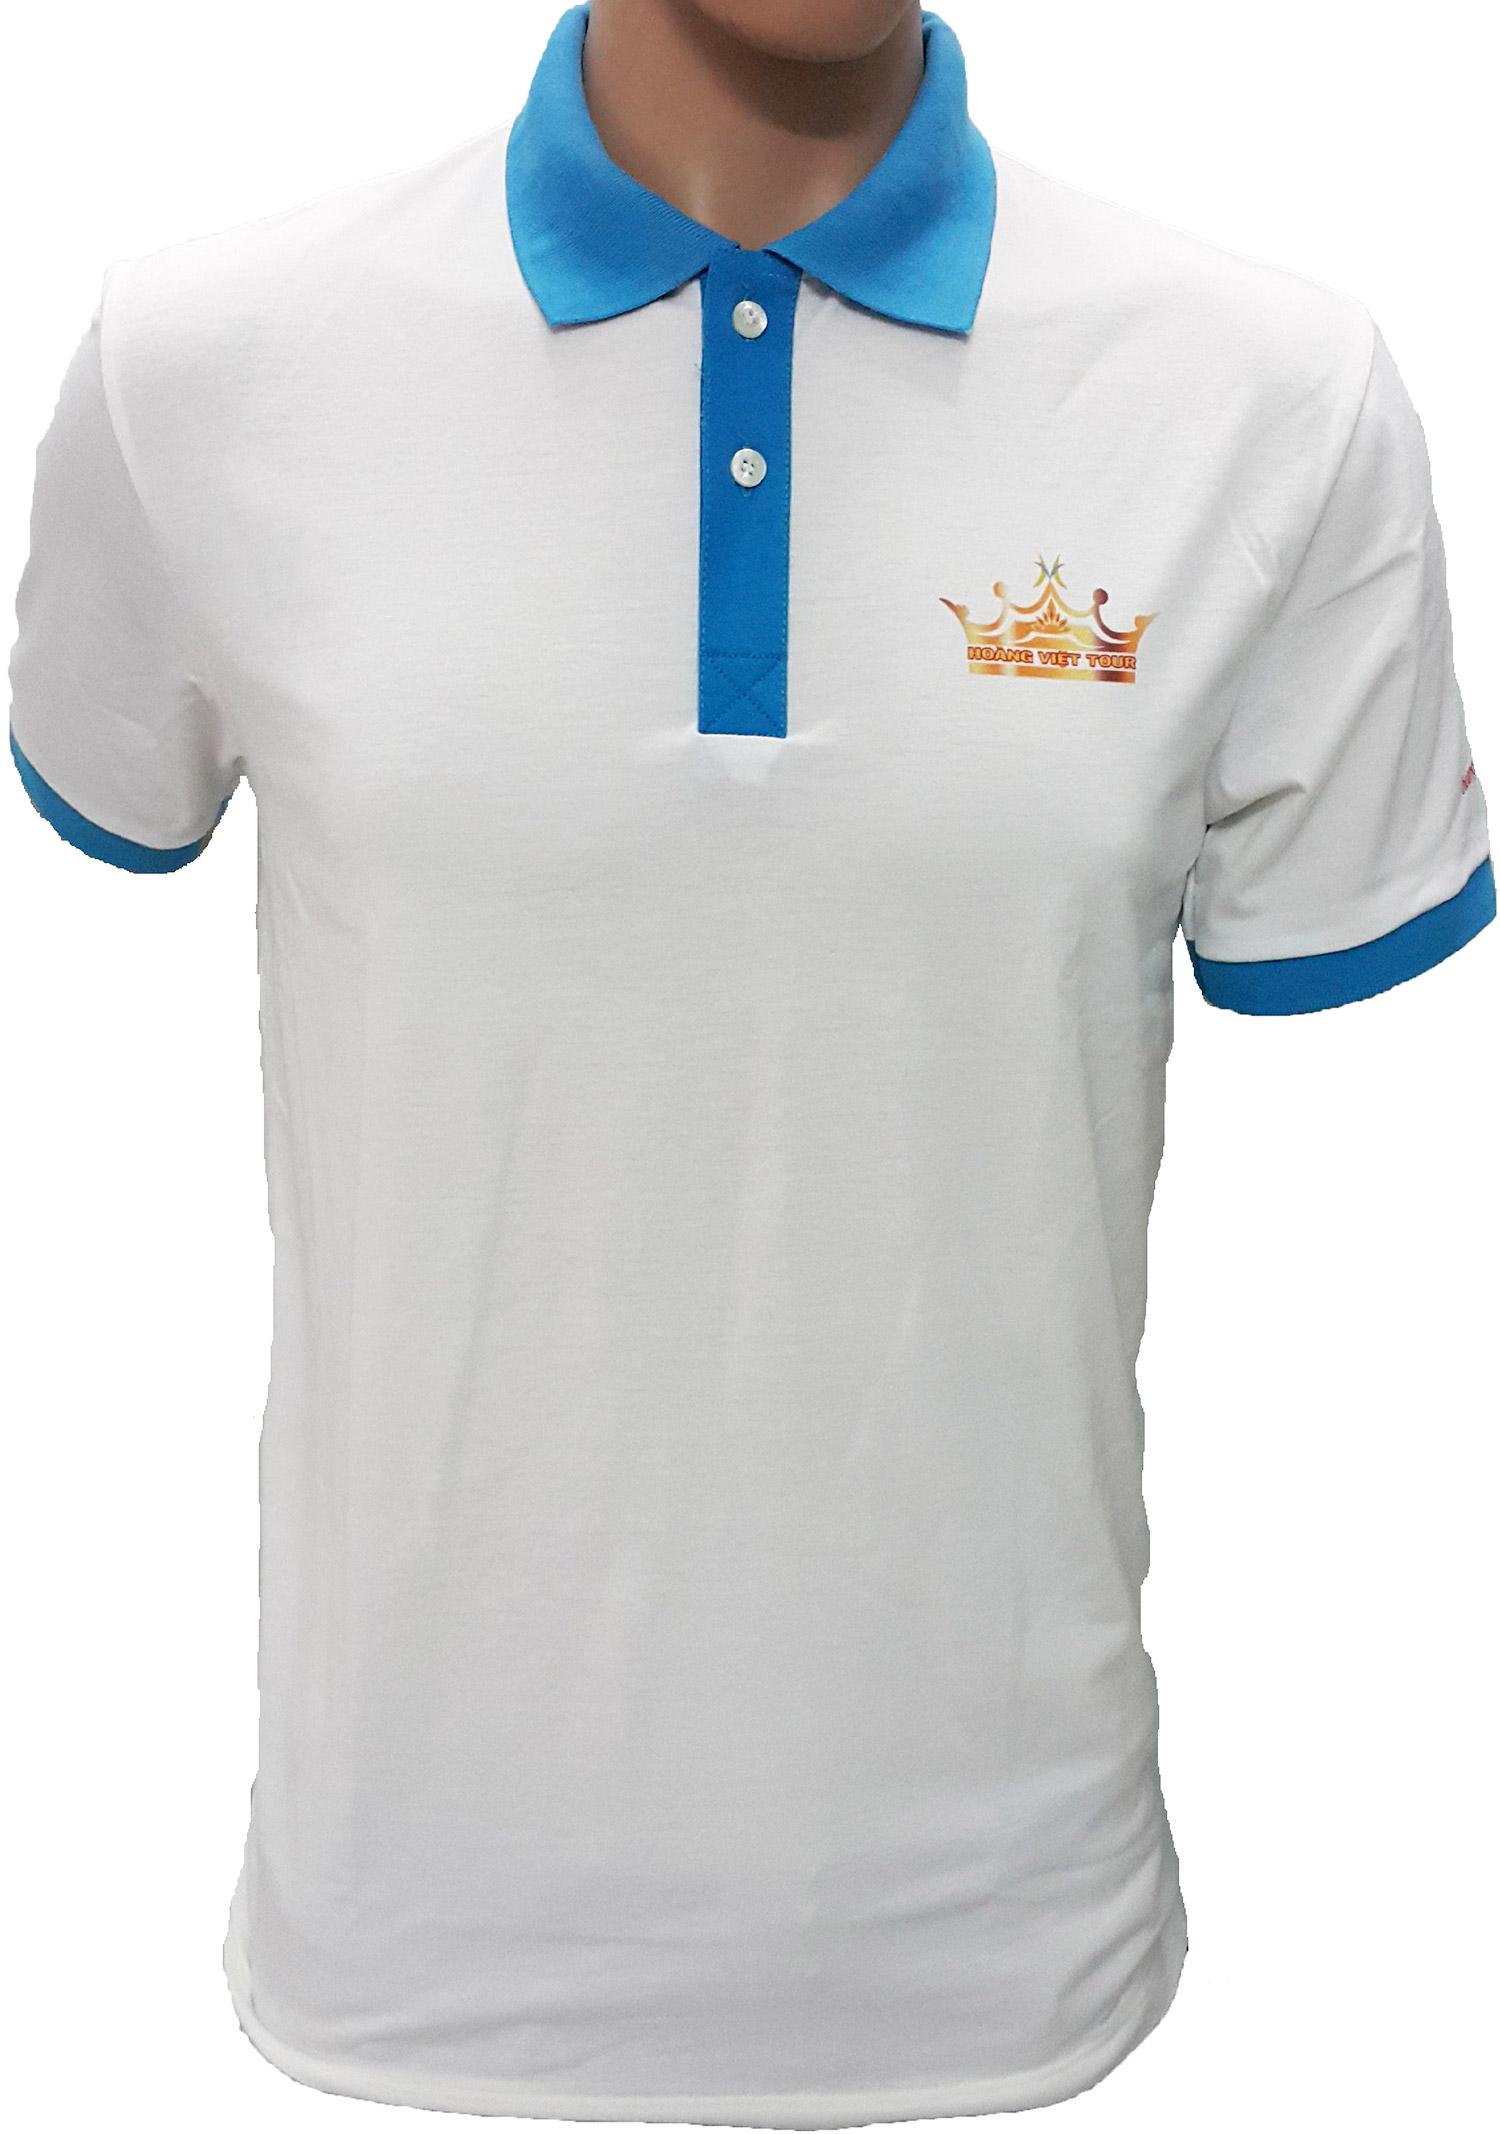 Mẫu áo thun đồng phục của Hoàng Việt Tour - mặt trước